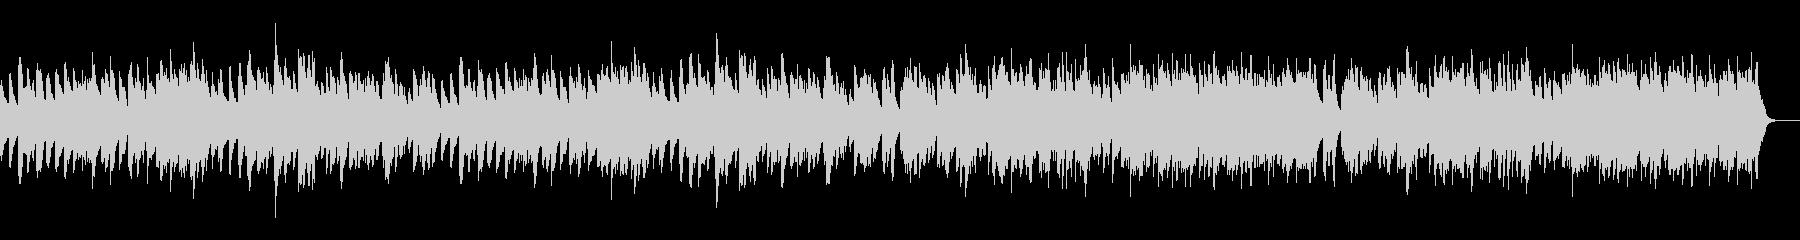 ゴルトベルク変奏曲主題部Full/ピアノの未再生の波形